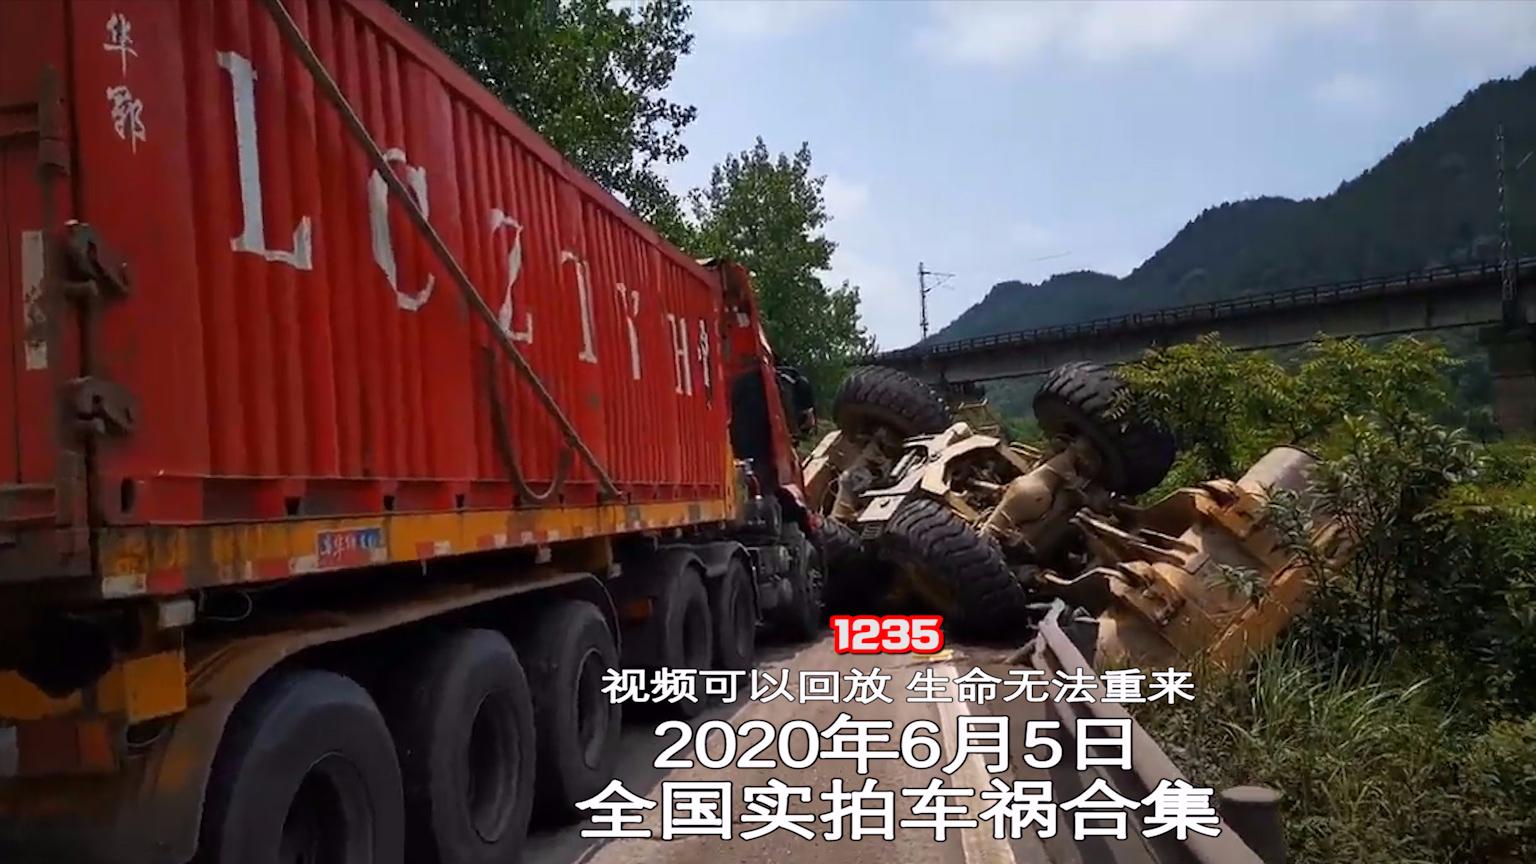 1235期:大货车刹车失灵,一车木材脱落撞向对面车辆【20200605全国车祸合集】